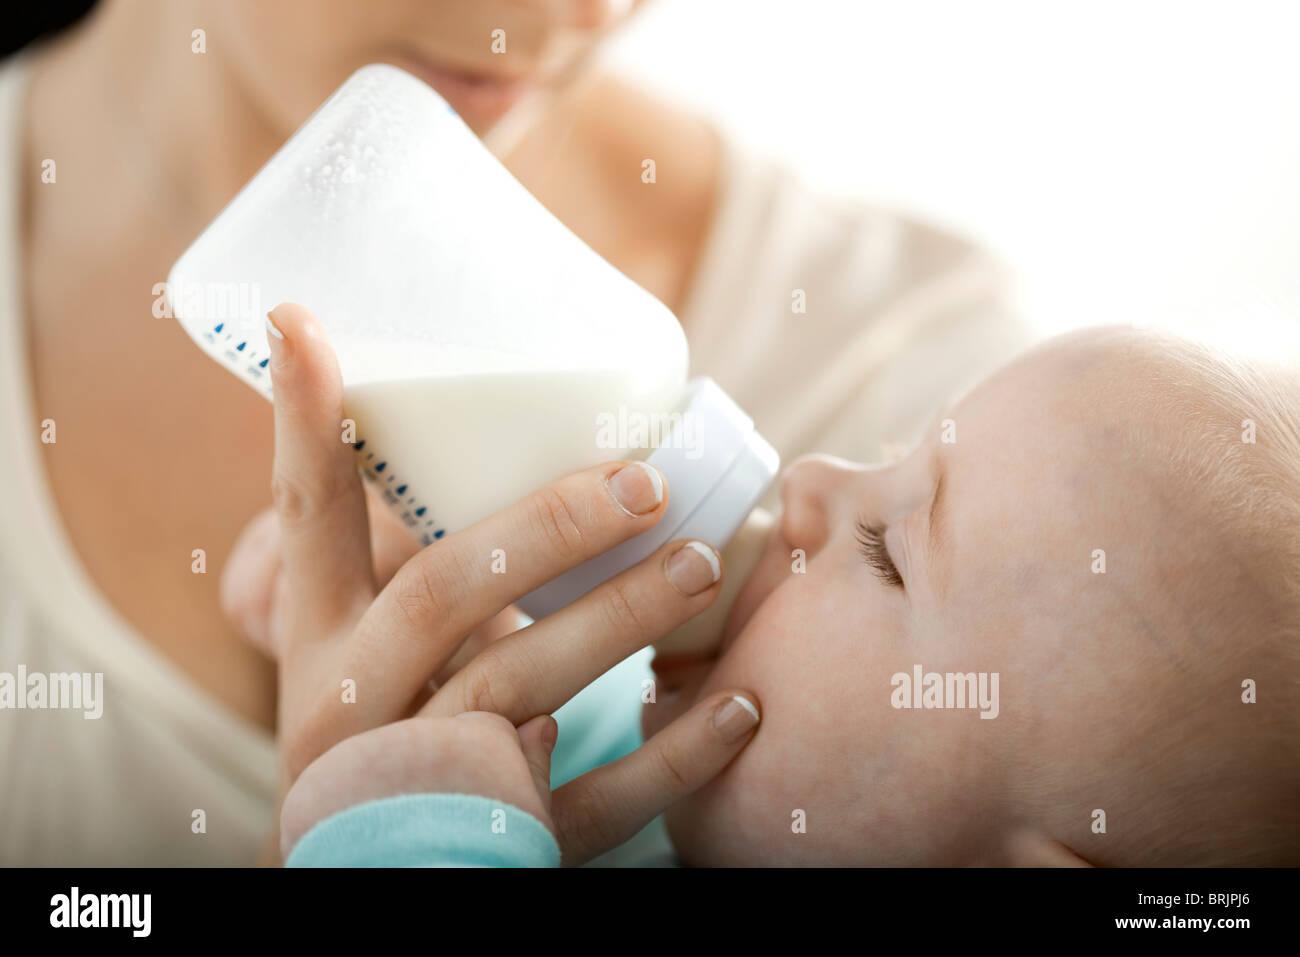 Boire du lait pour bébé à partir de la bouteille Photo Stock